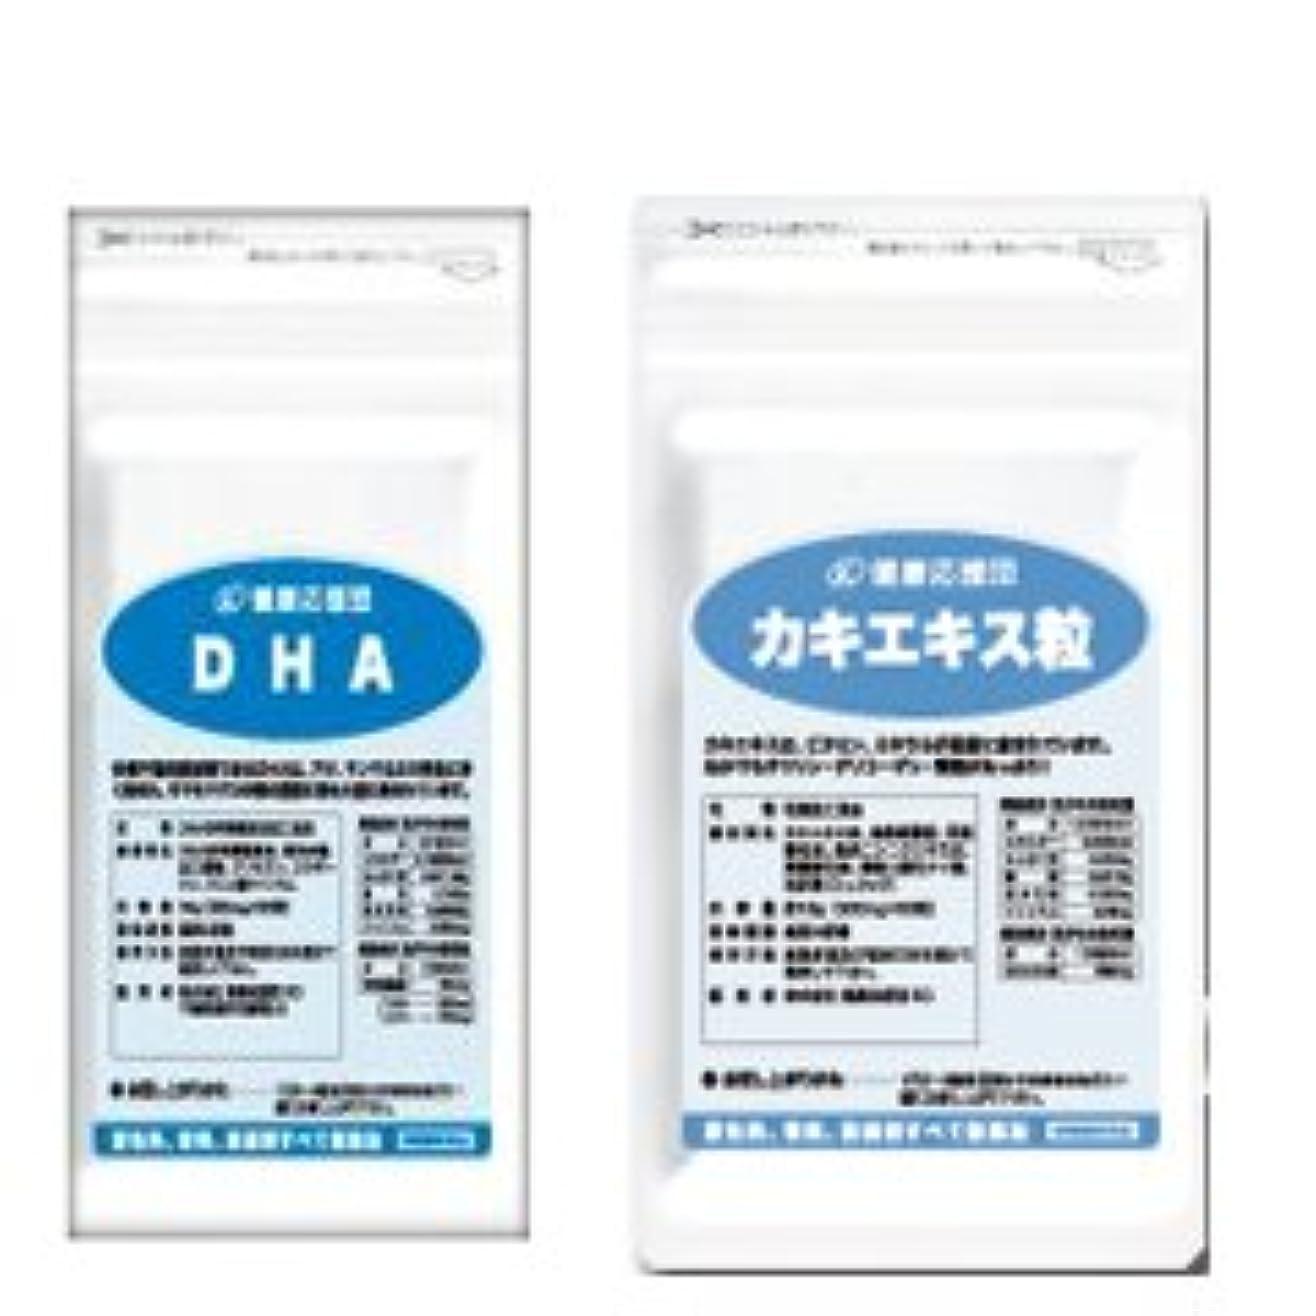 ハング雄弁指導する健康応援団 海の元気セット DHA?EPA+カキ肉エキス粒 7771 お徳用12か月分(計24袋)